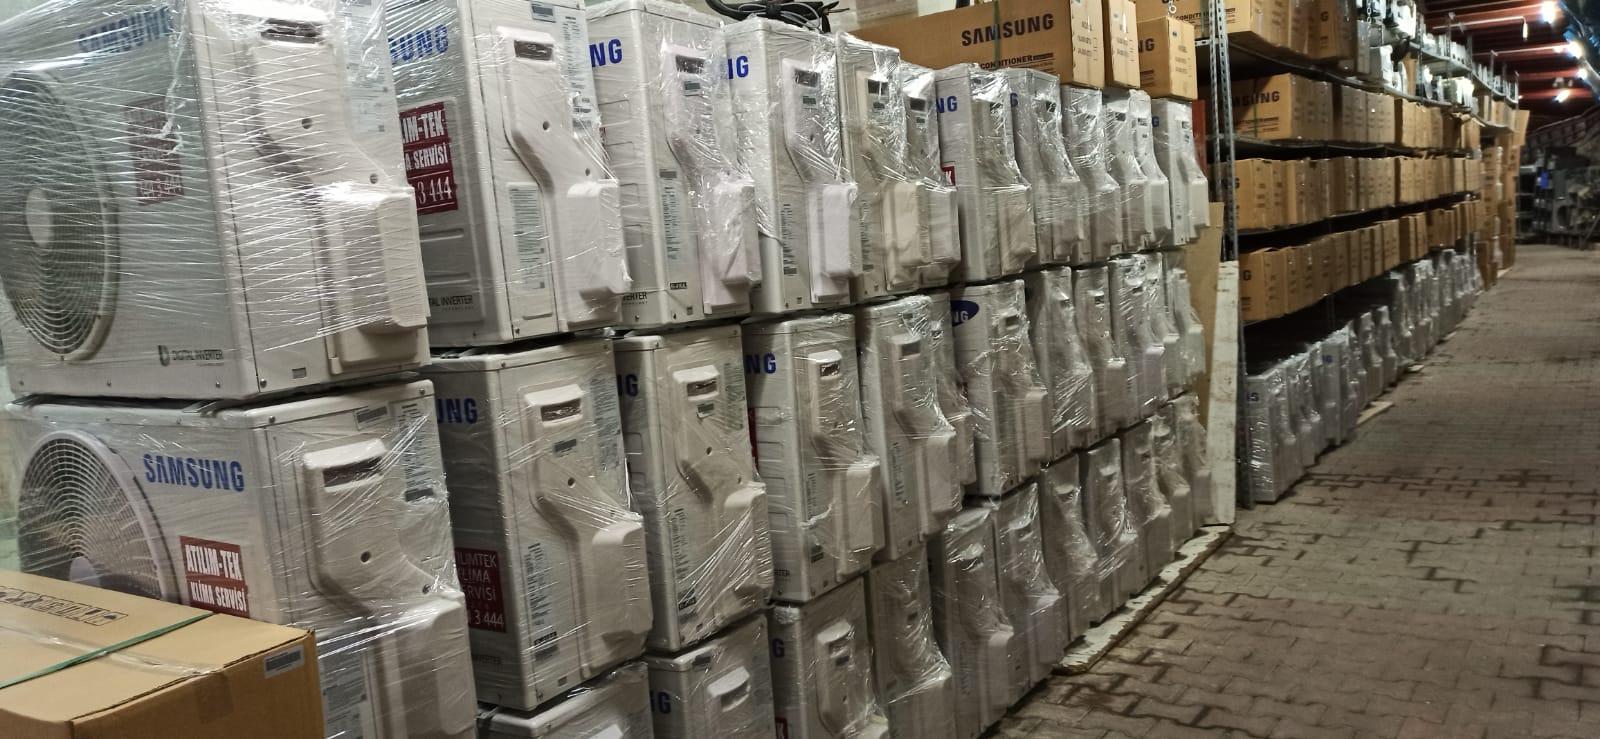 Samsung AR12MSFHCWK/SK Duvar Tipi Klima A++ Enerji Sınıfı 12000 BTU İnverter Duvar Tipi Klima